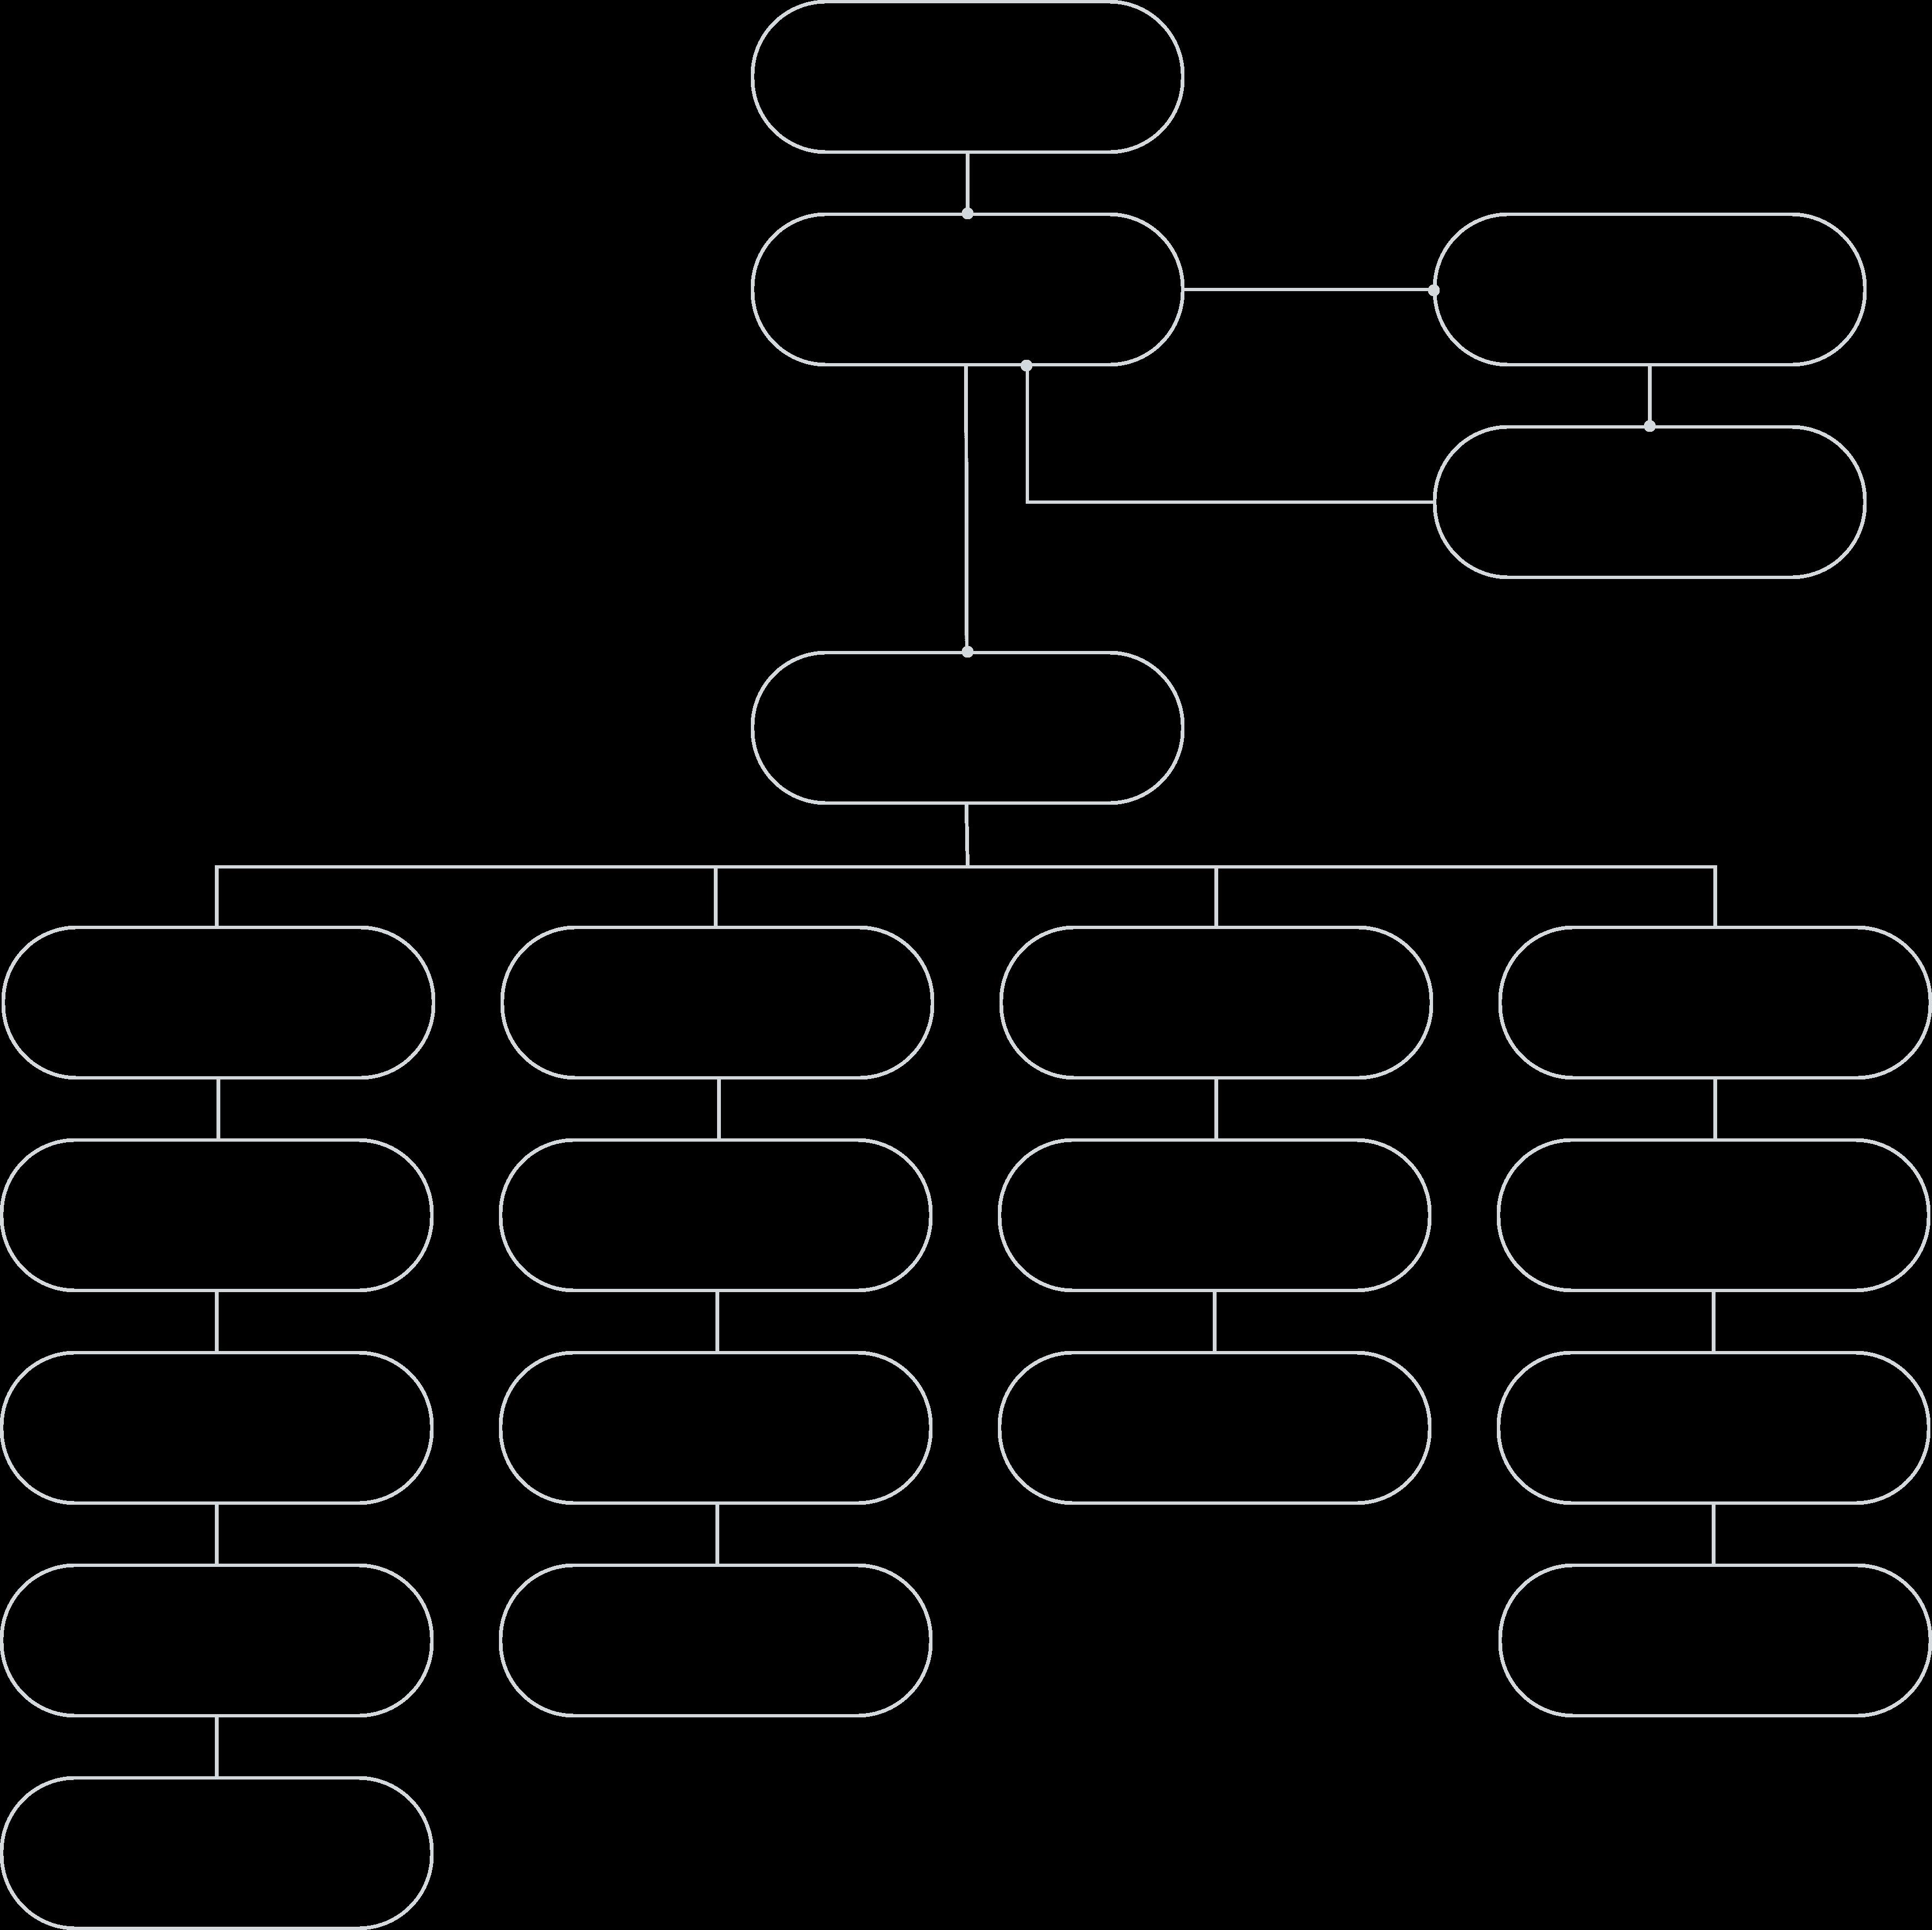 User Flow - Case Max-Planck-Institut